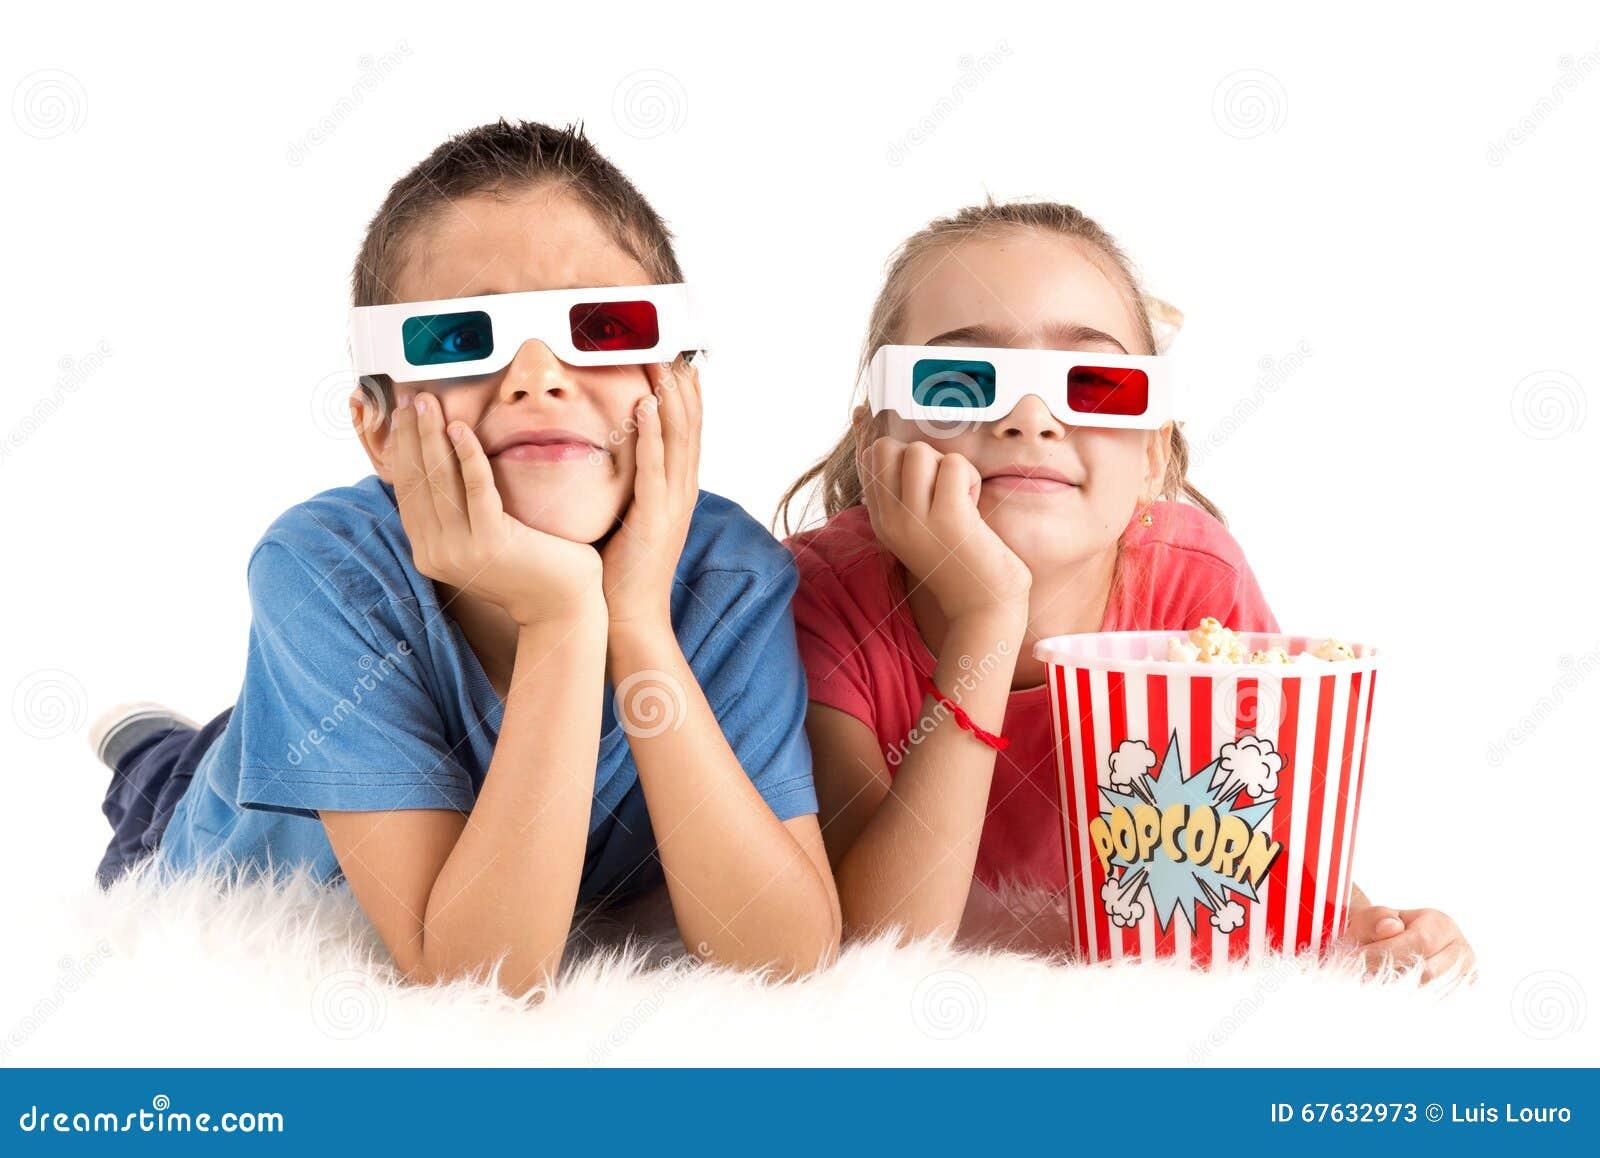 Kinder Filmen